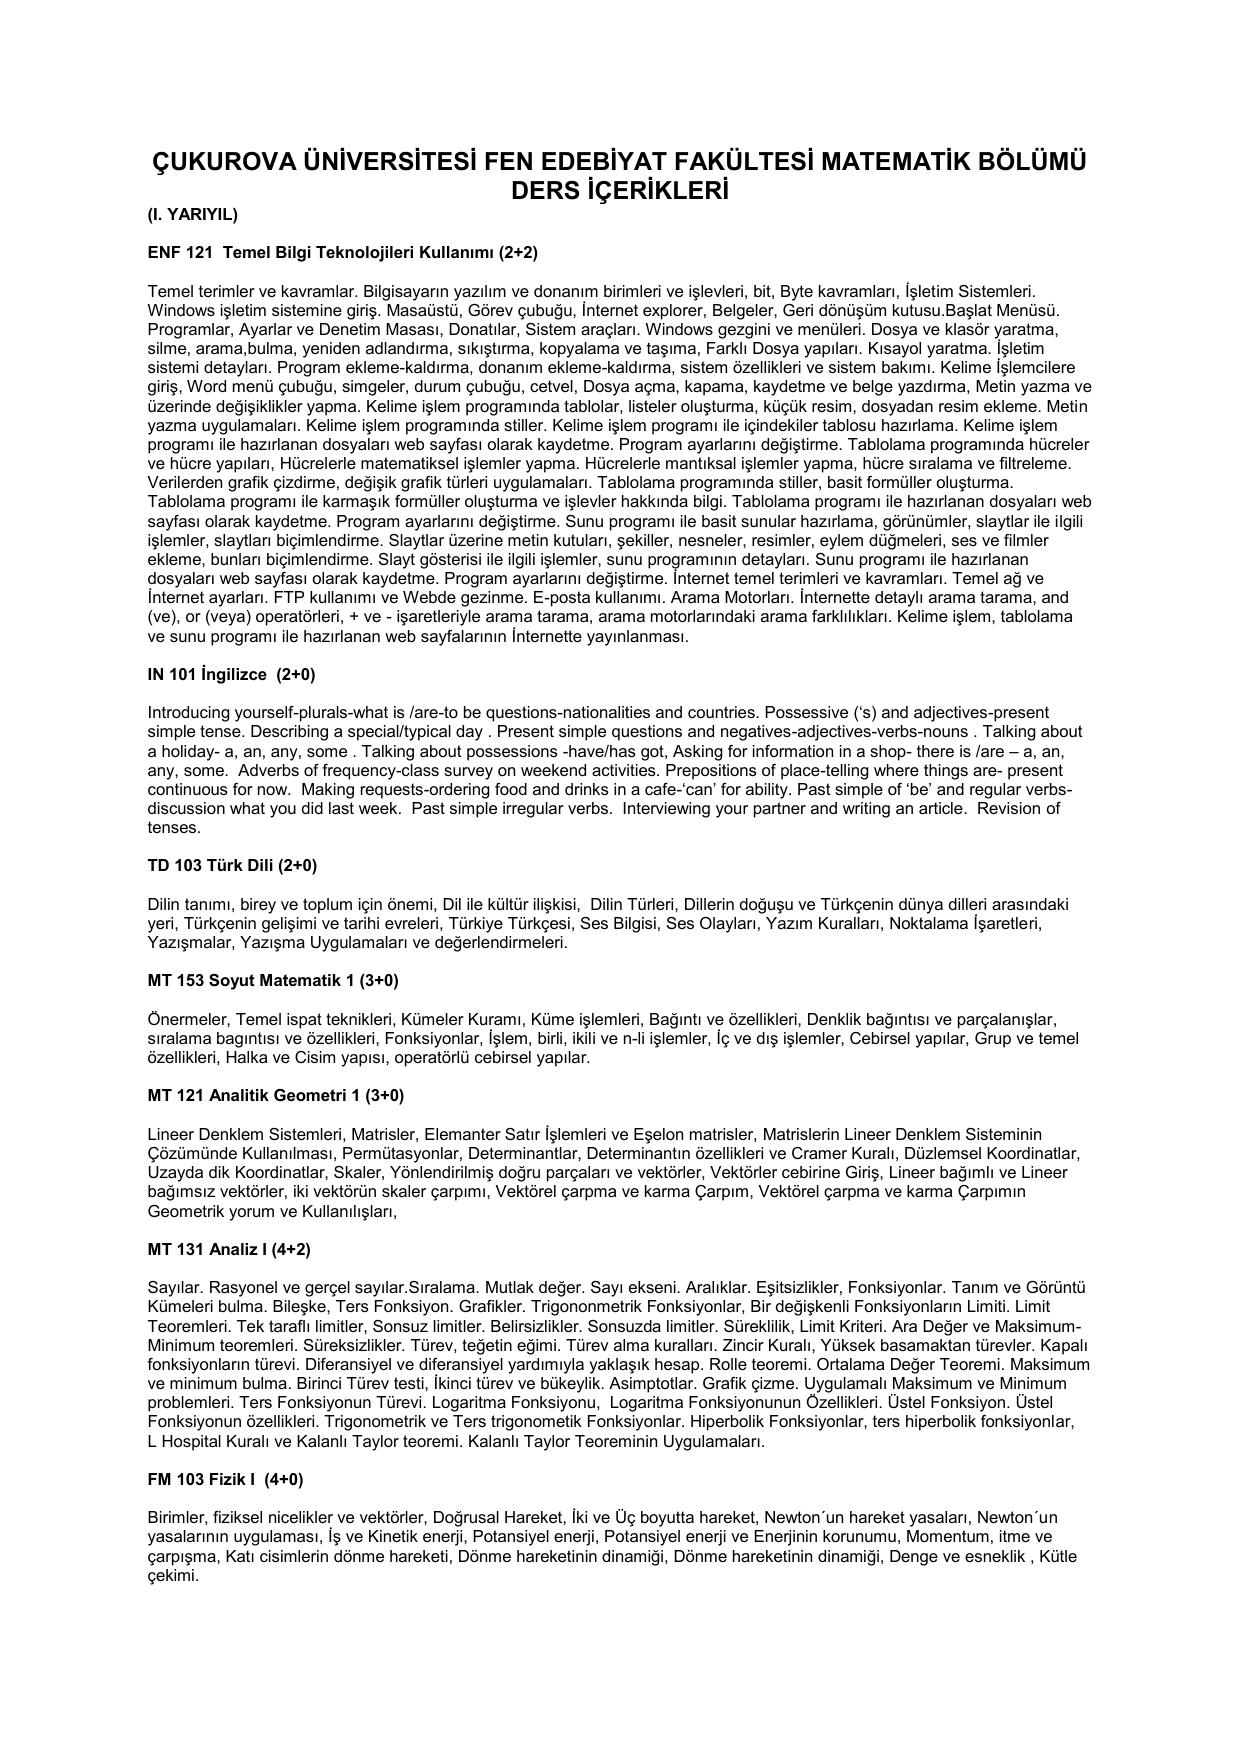 Temel bilgi teknolojileri türleri